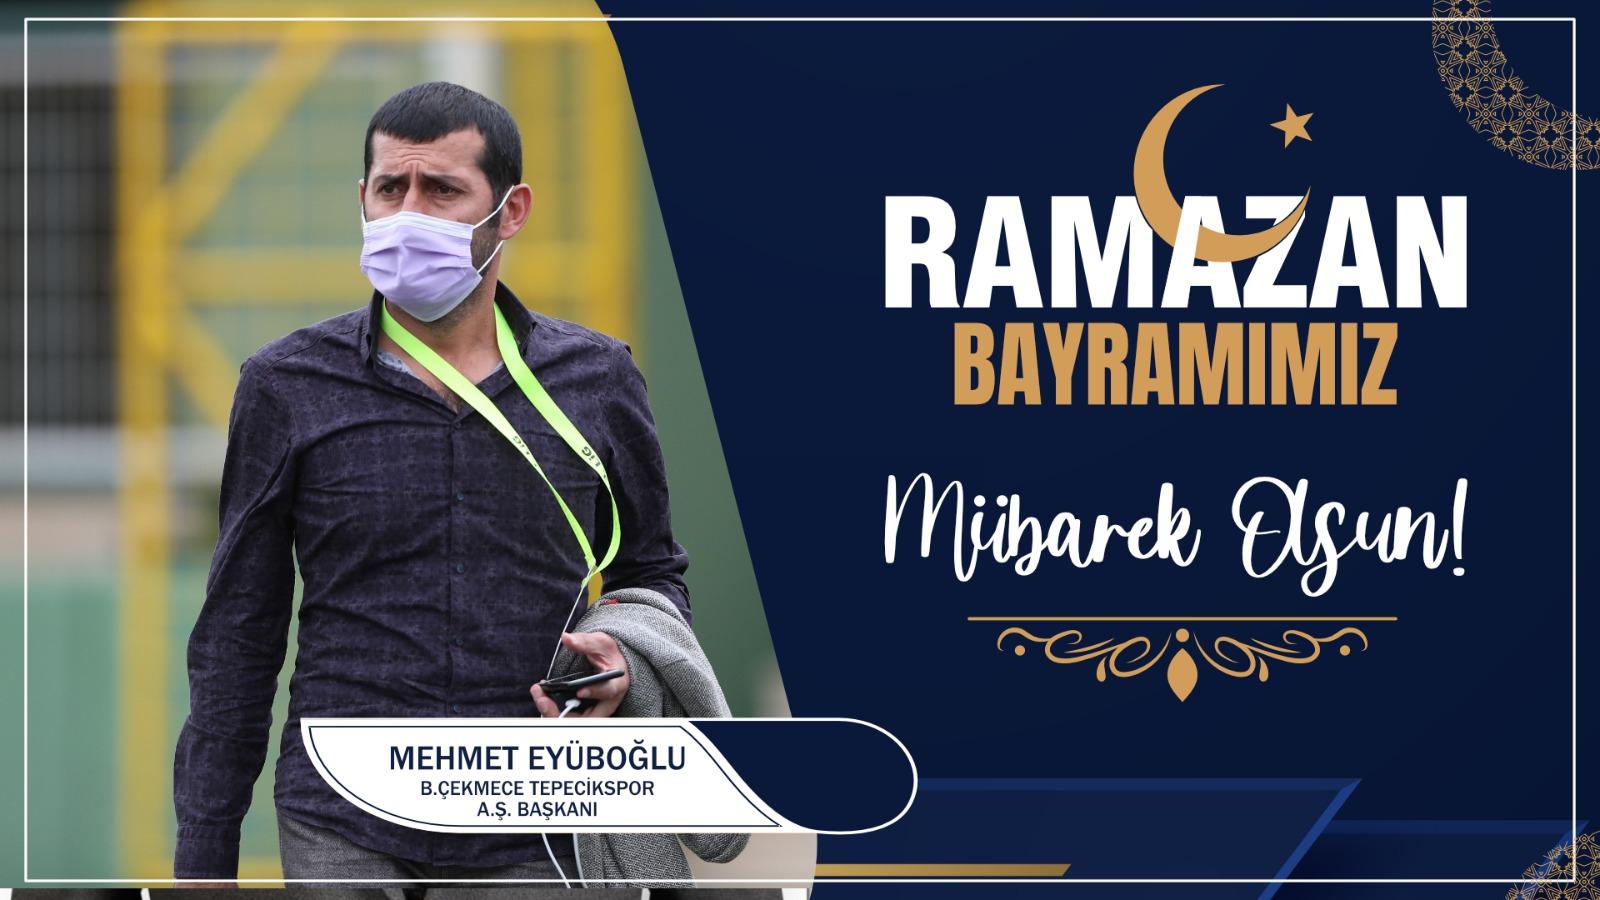 Mehmet Eyüboğlu'ndan Ramazan Bayramı Kutlama Mesajı